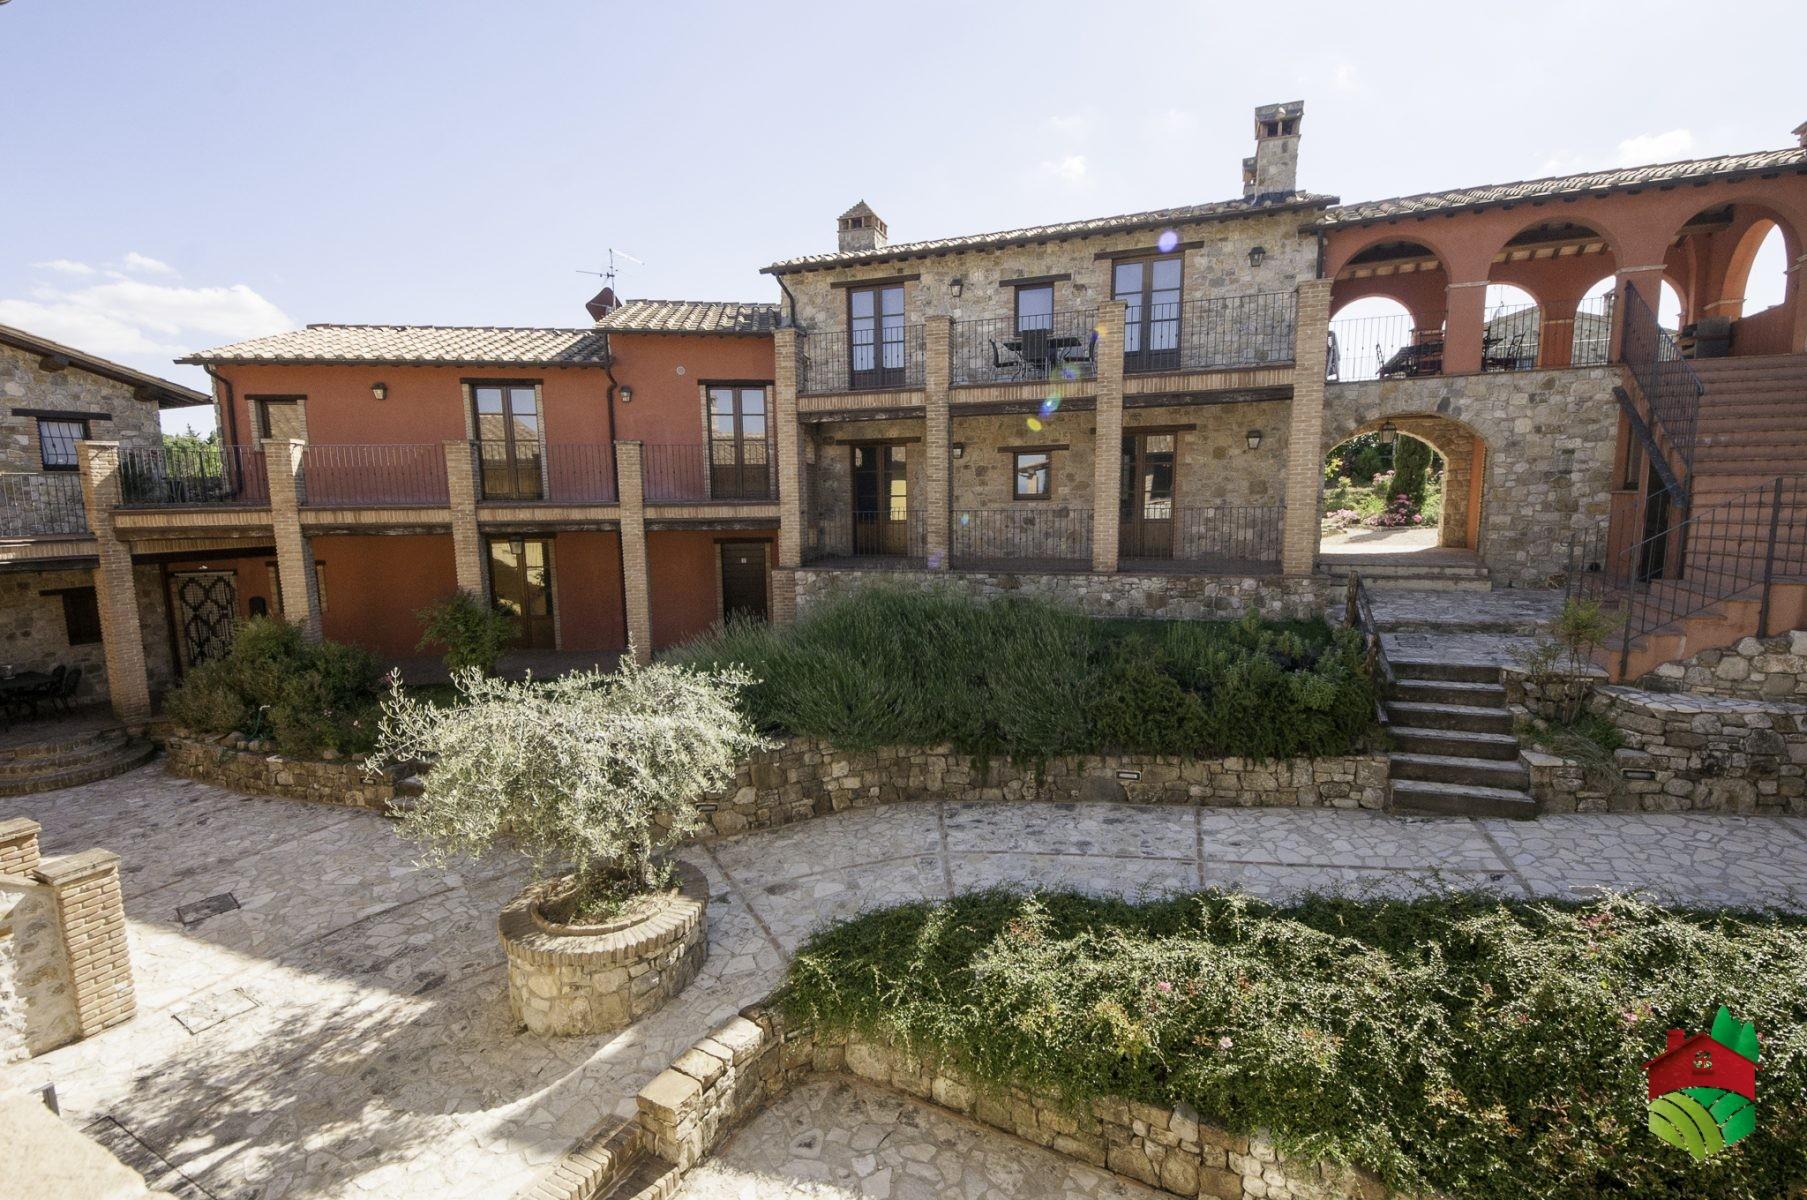 Vecchio stile ripalvella immobiliare valle umbra for Case vecchio stile costruite nuove